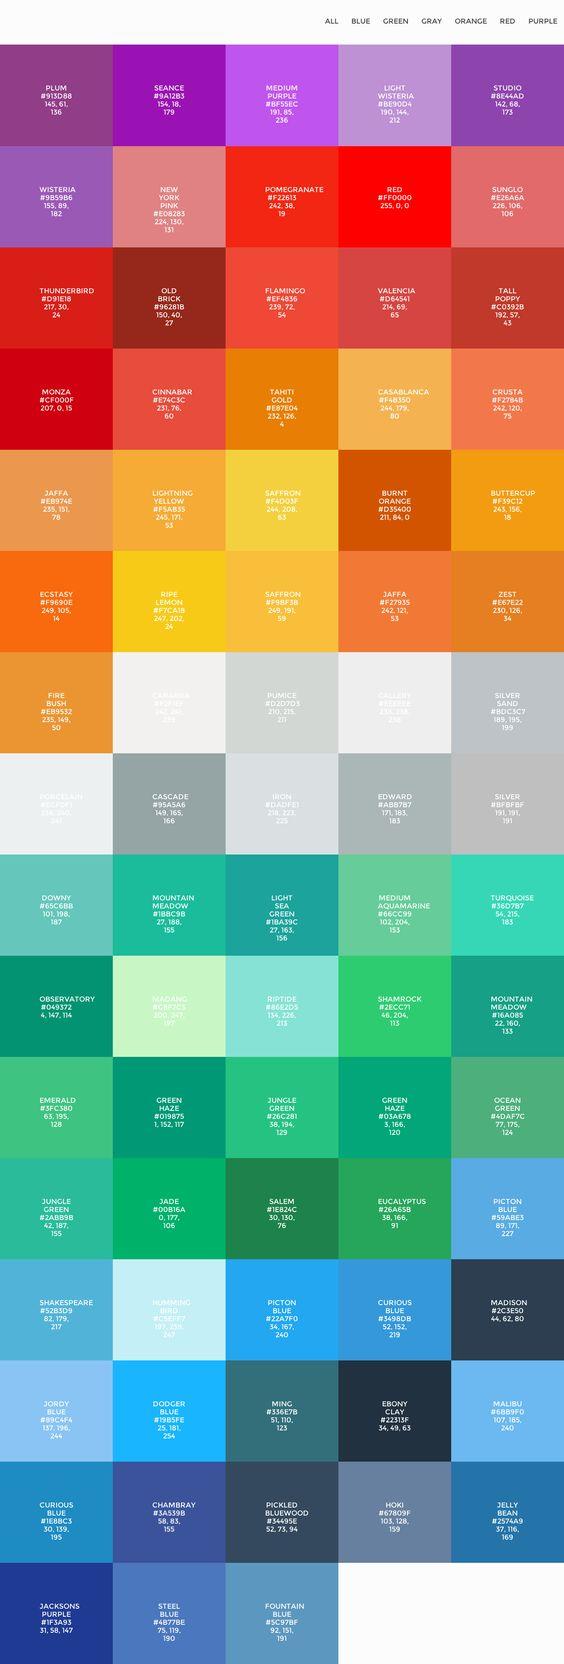 Flat UI colors palettes